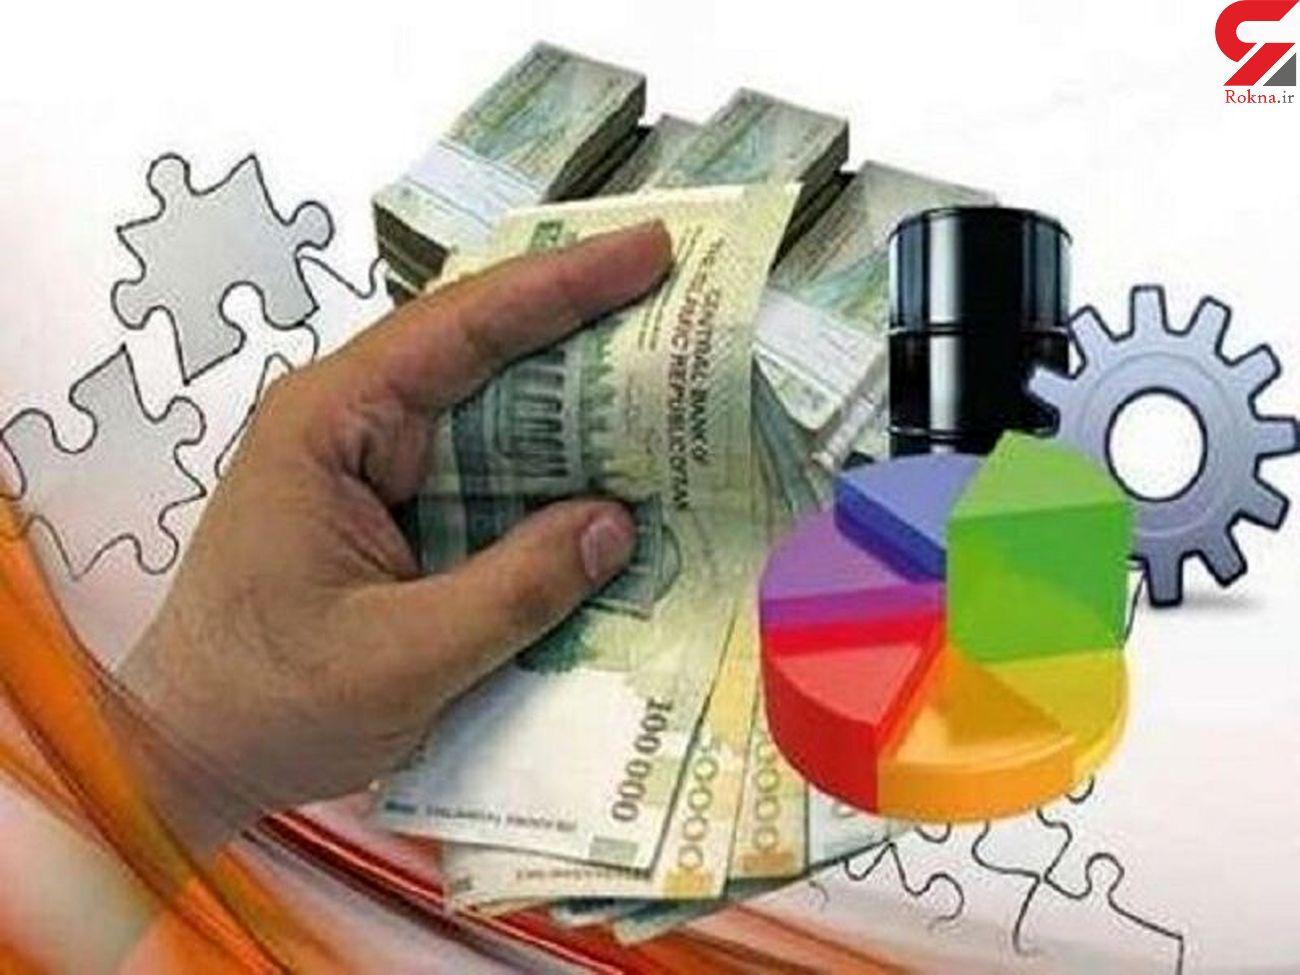 پرداخت ۷۳۲ میلیارد تومان تسهیلات رونق تولید در گیلان